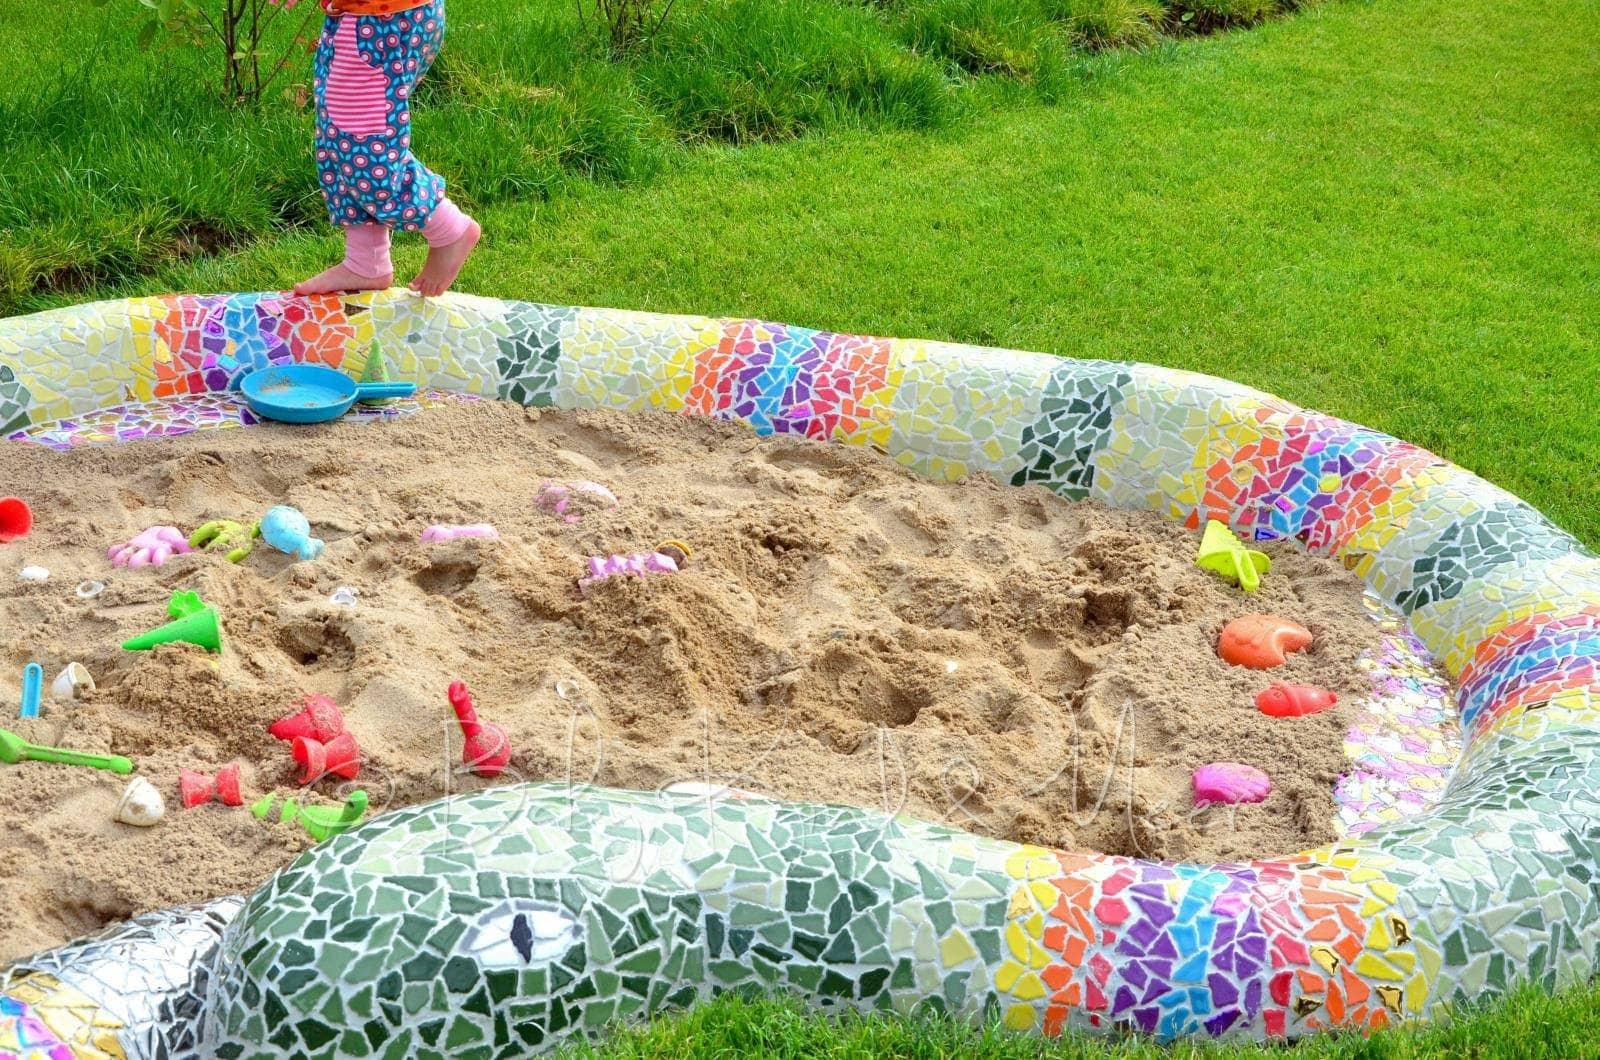 eine mosaik-schlange als sandkasten - hausbau & garten, diy